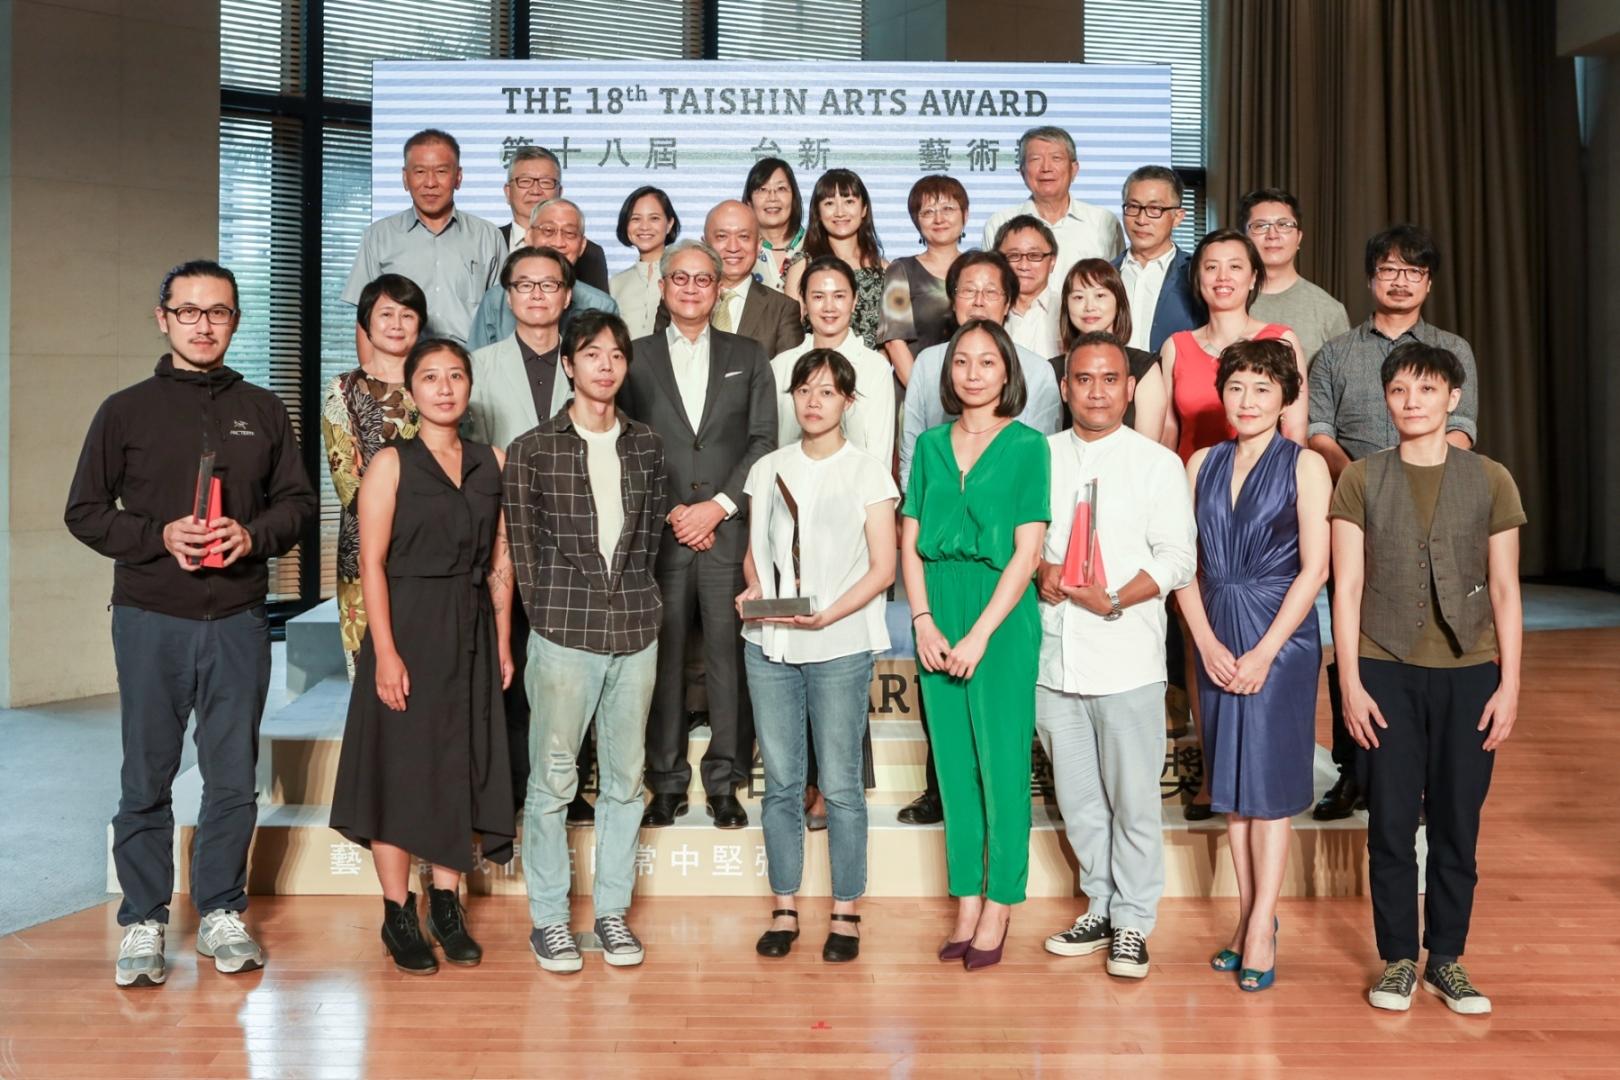 圖6 第18屆台新藝術獎頒獎典禮-三大獎得主與台新藝術基金會董事、評選委員合照